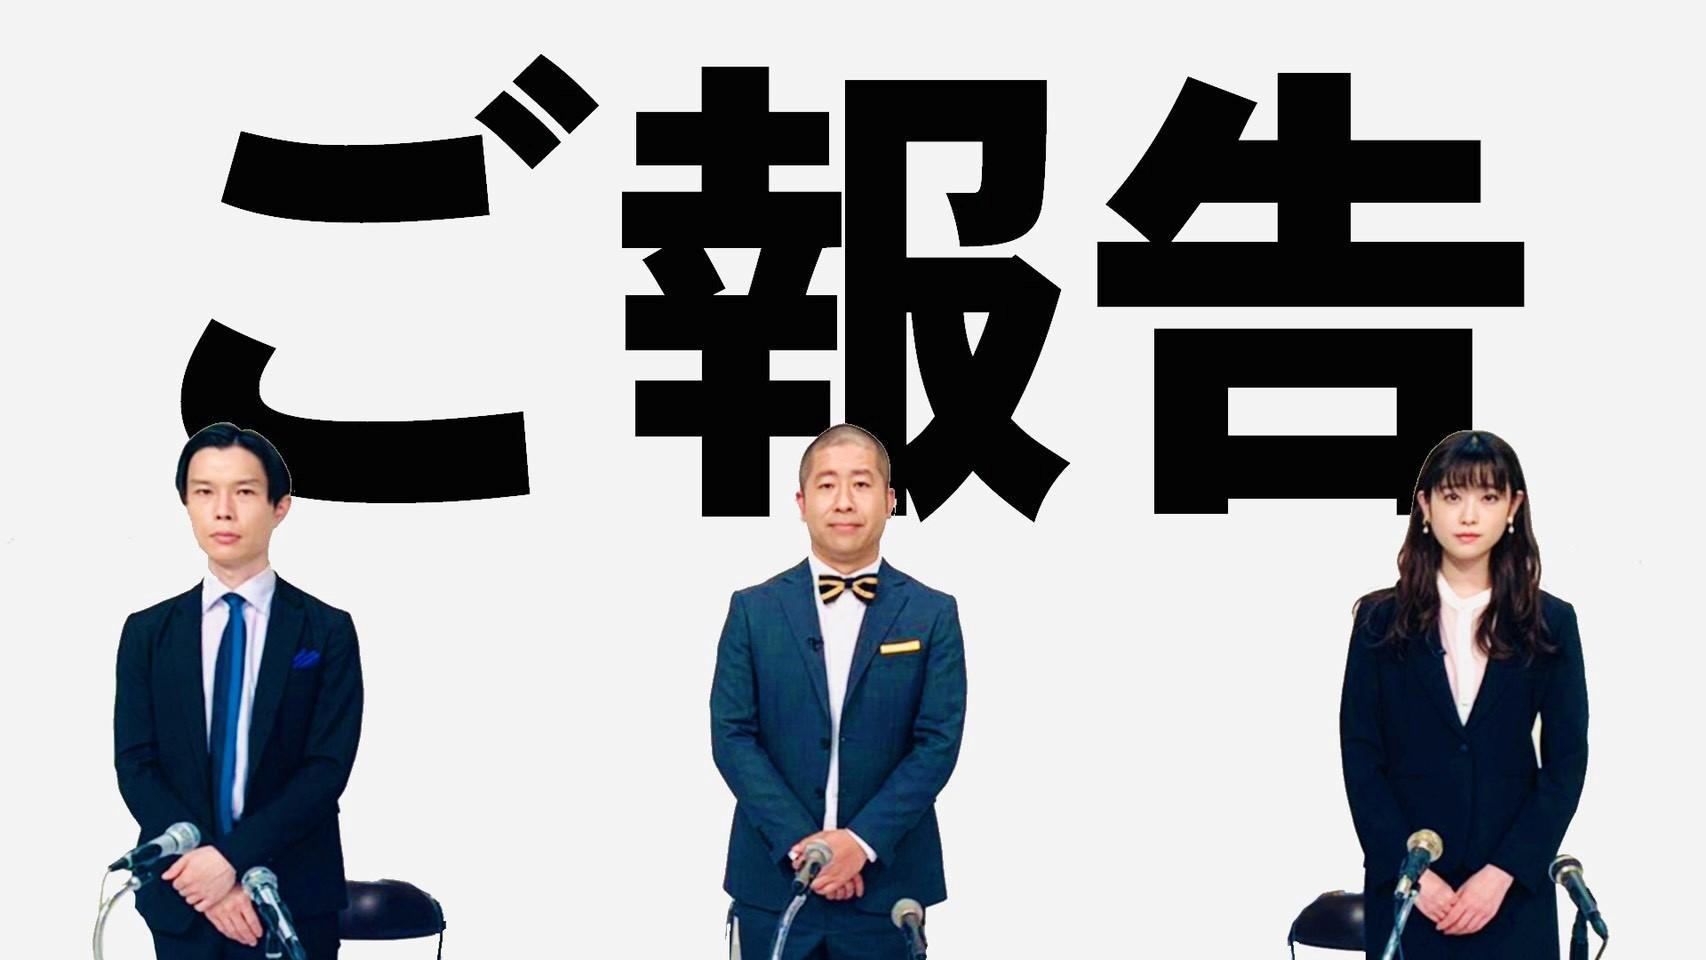 髙橋ひかるテレ東初MC!「この世は【ご報告】であふれてる!?」 7月24日(土)昼12:57放送